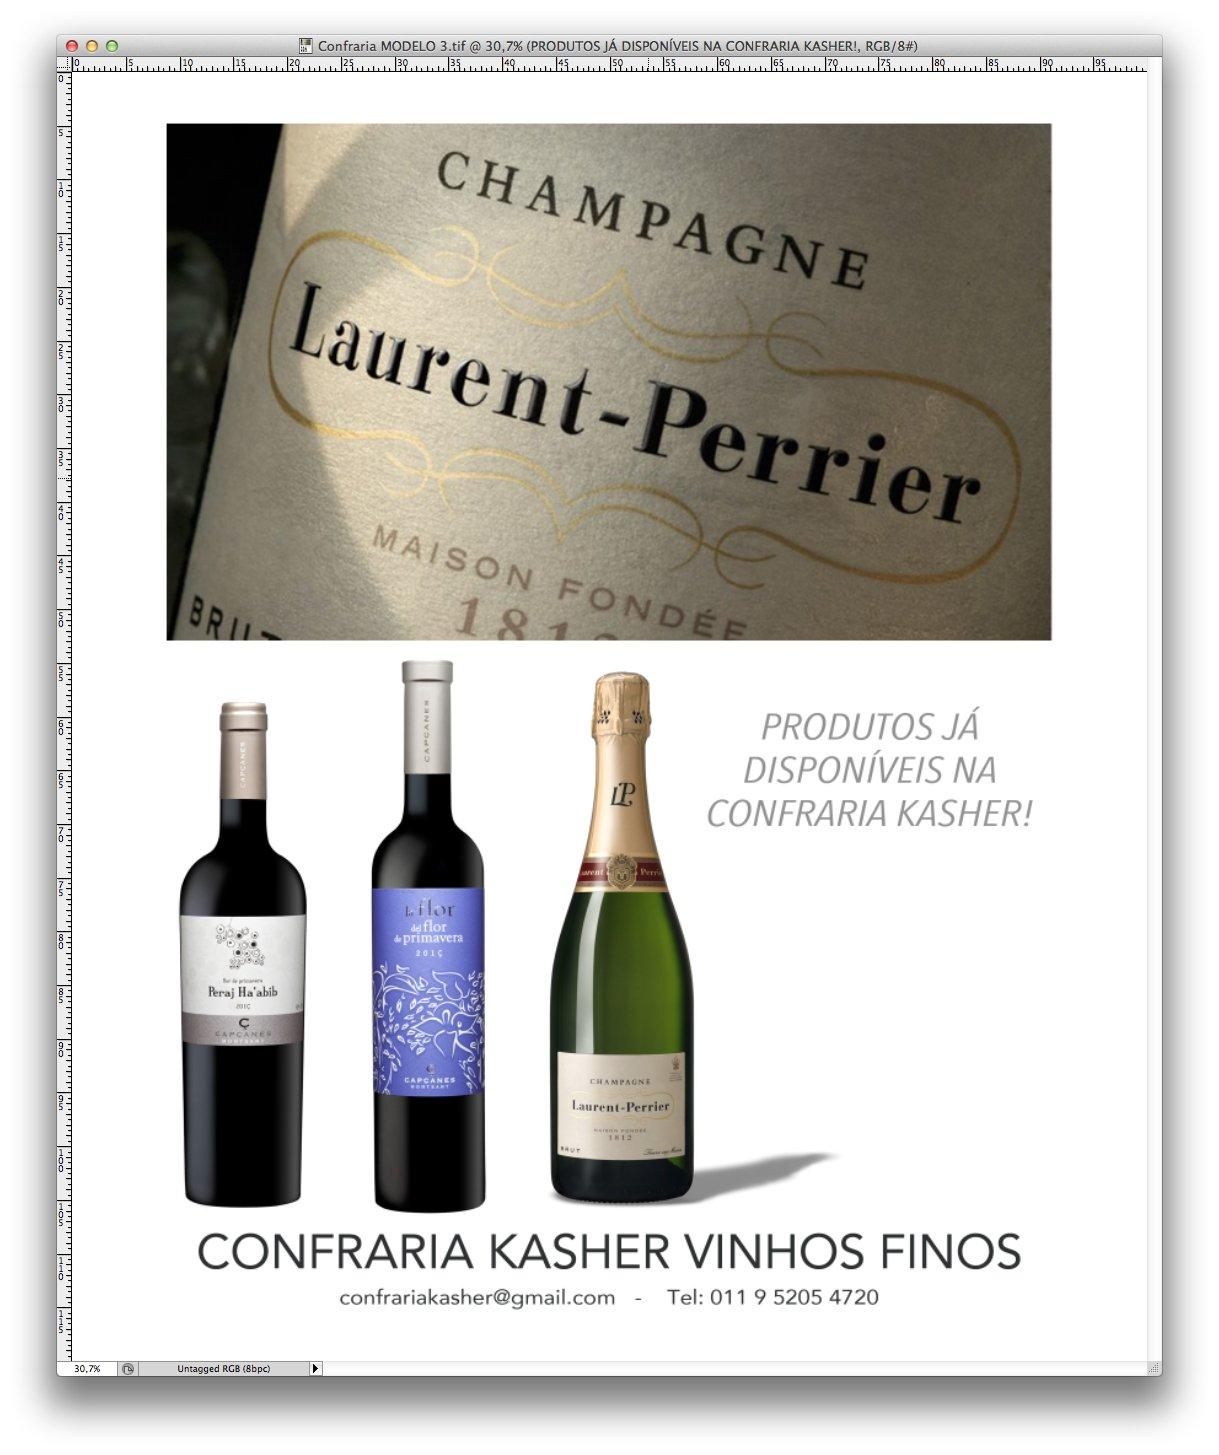 Confraria Kasher - O melhor vinho kosher